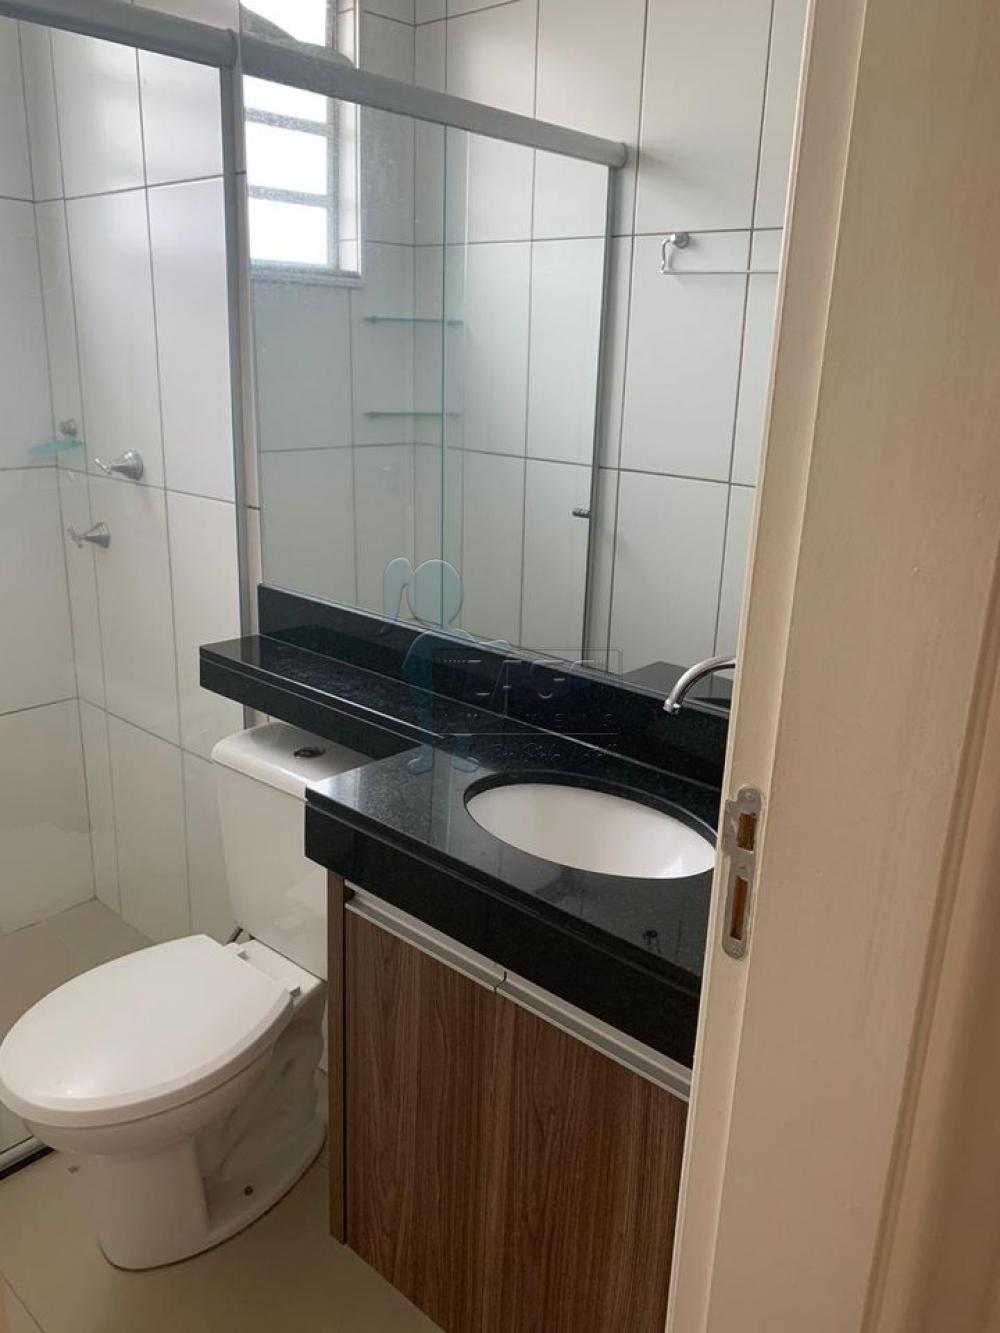 Comprar Apartamento / Padrão em Ribeirão Preto apenas R$ 185.000,00 - Foto 4